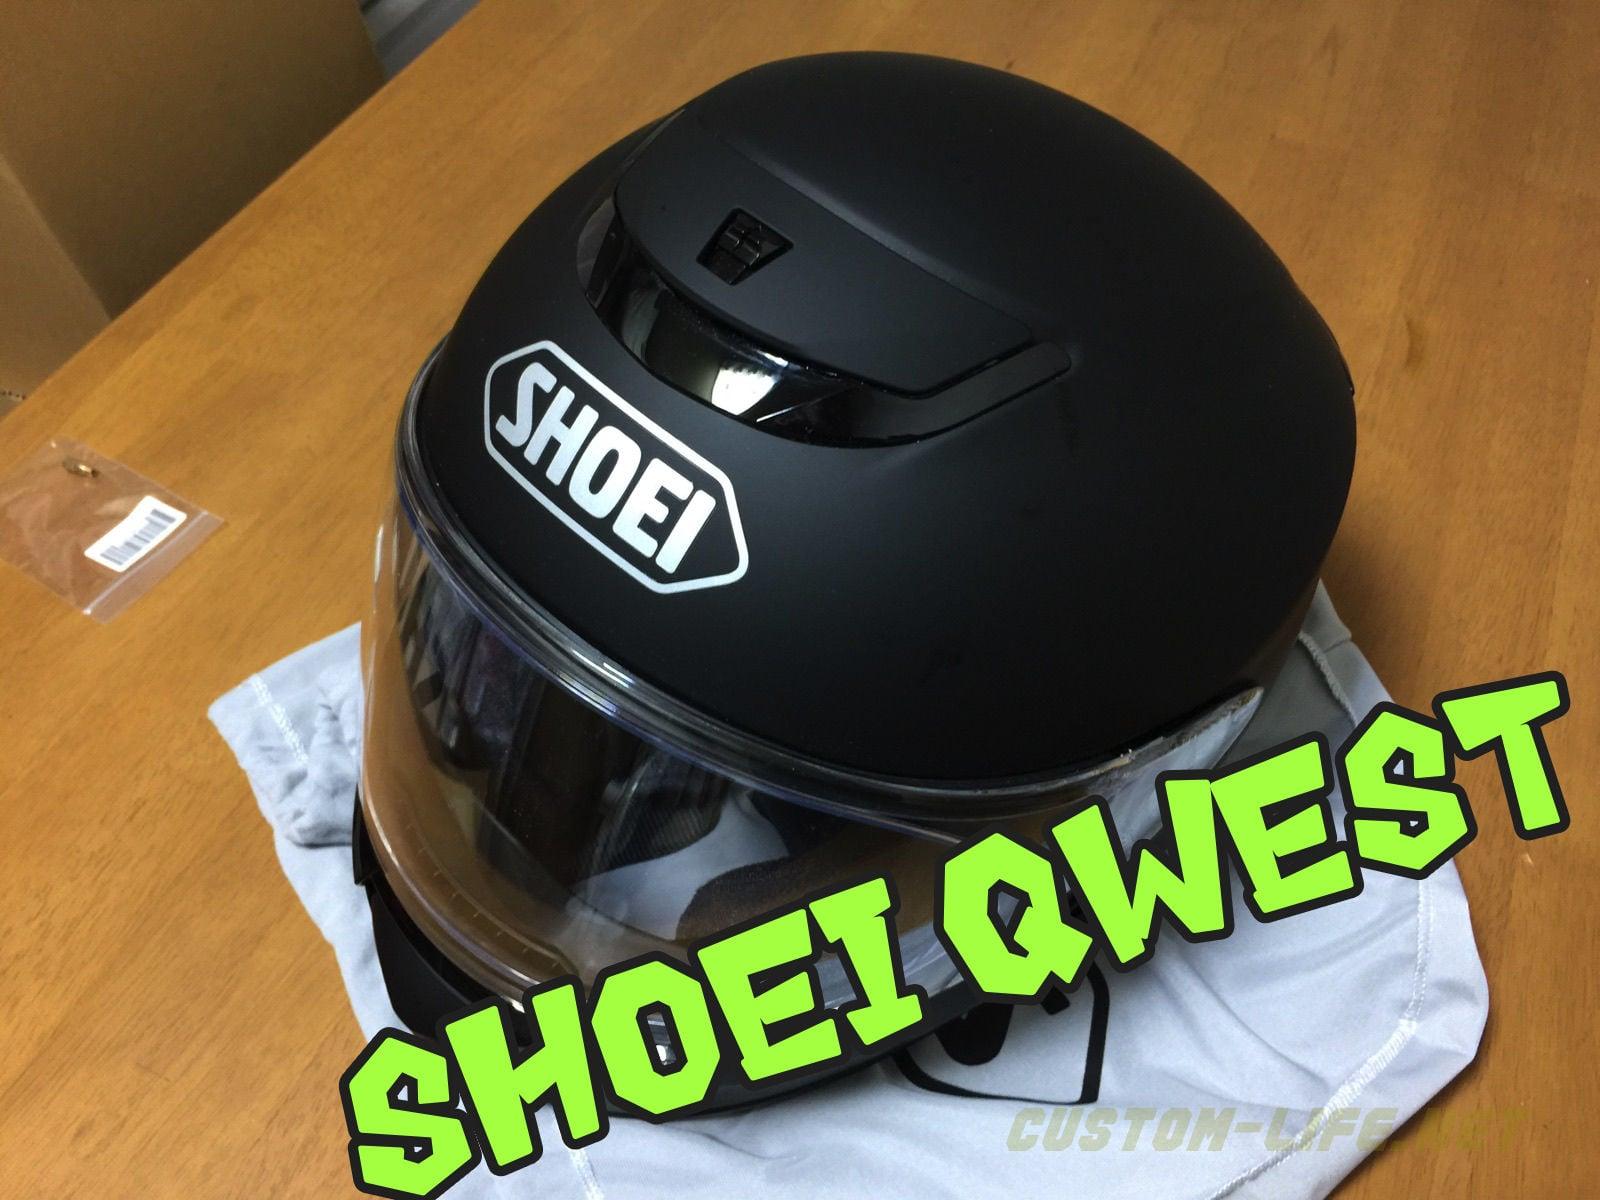 ヘルメットを新調、SHOEI QWESTの適当インプレ